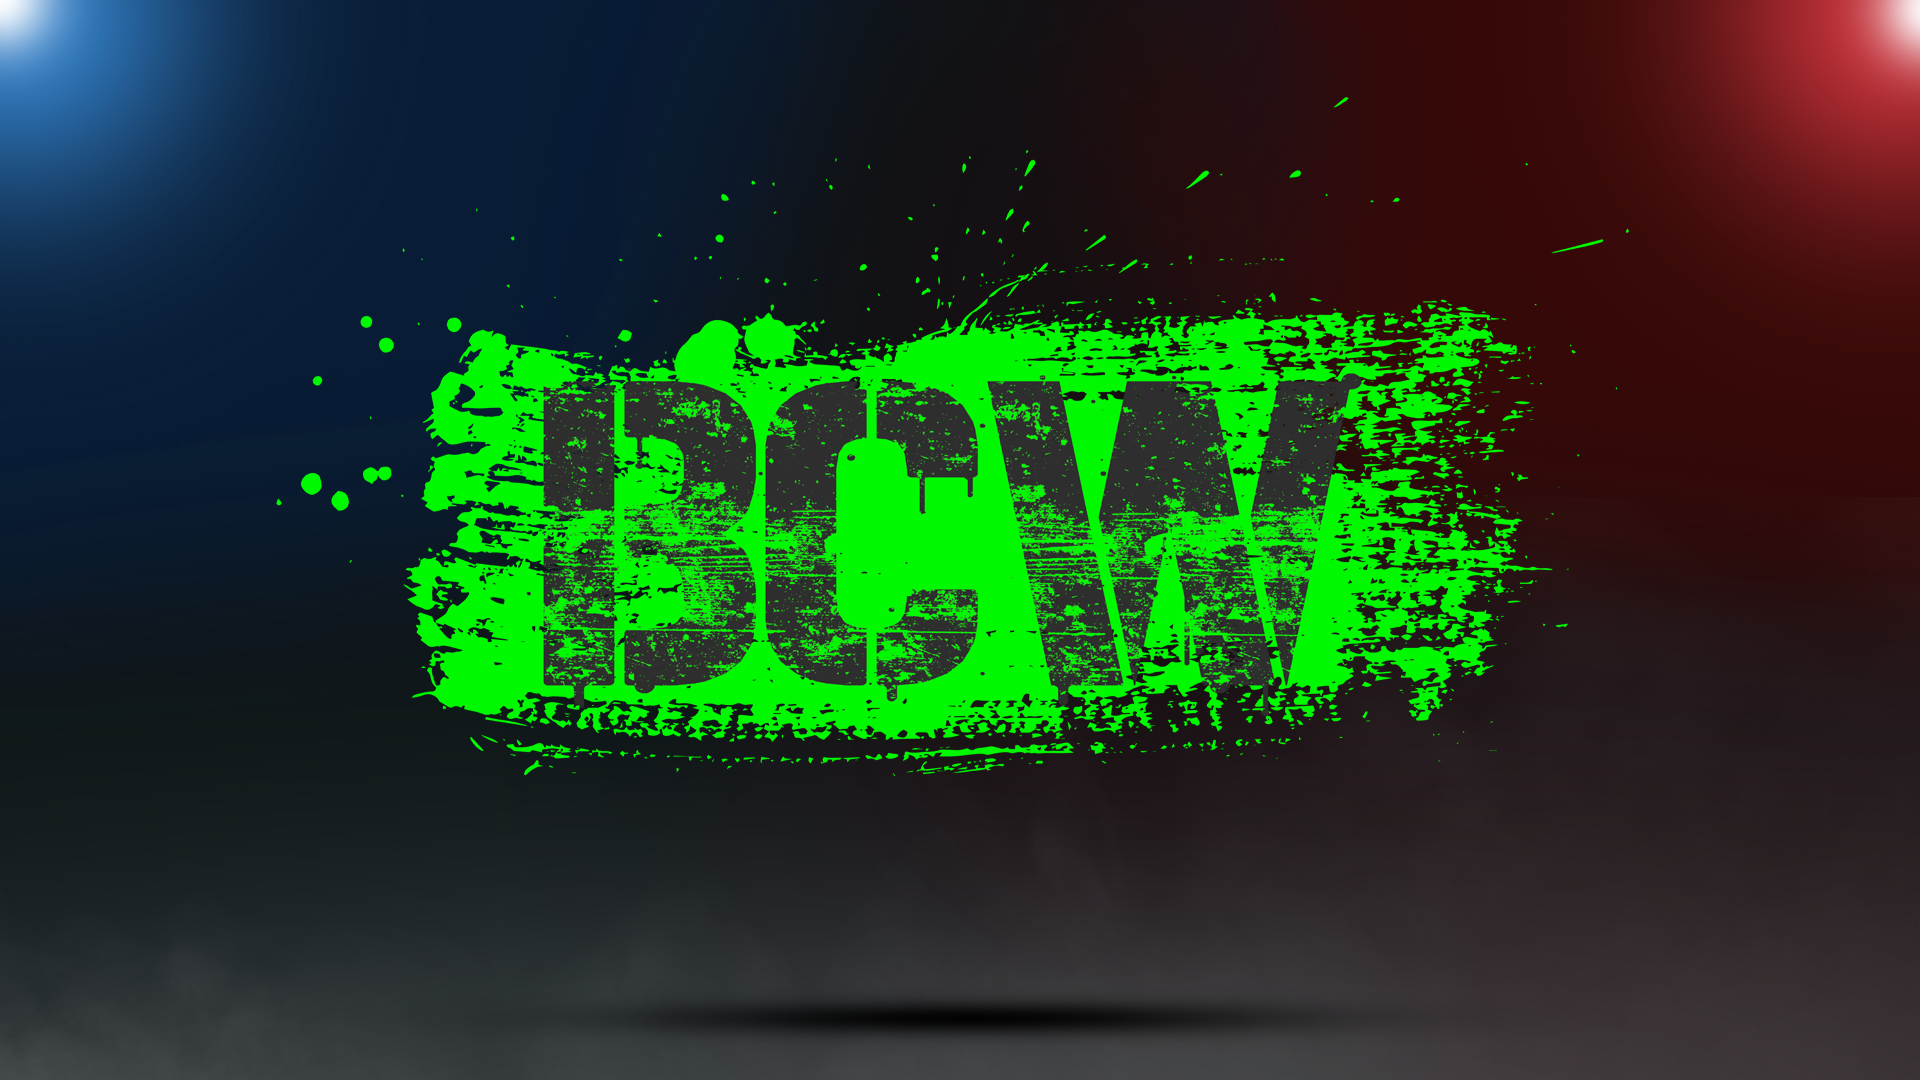 BCW'S BEST